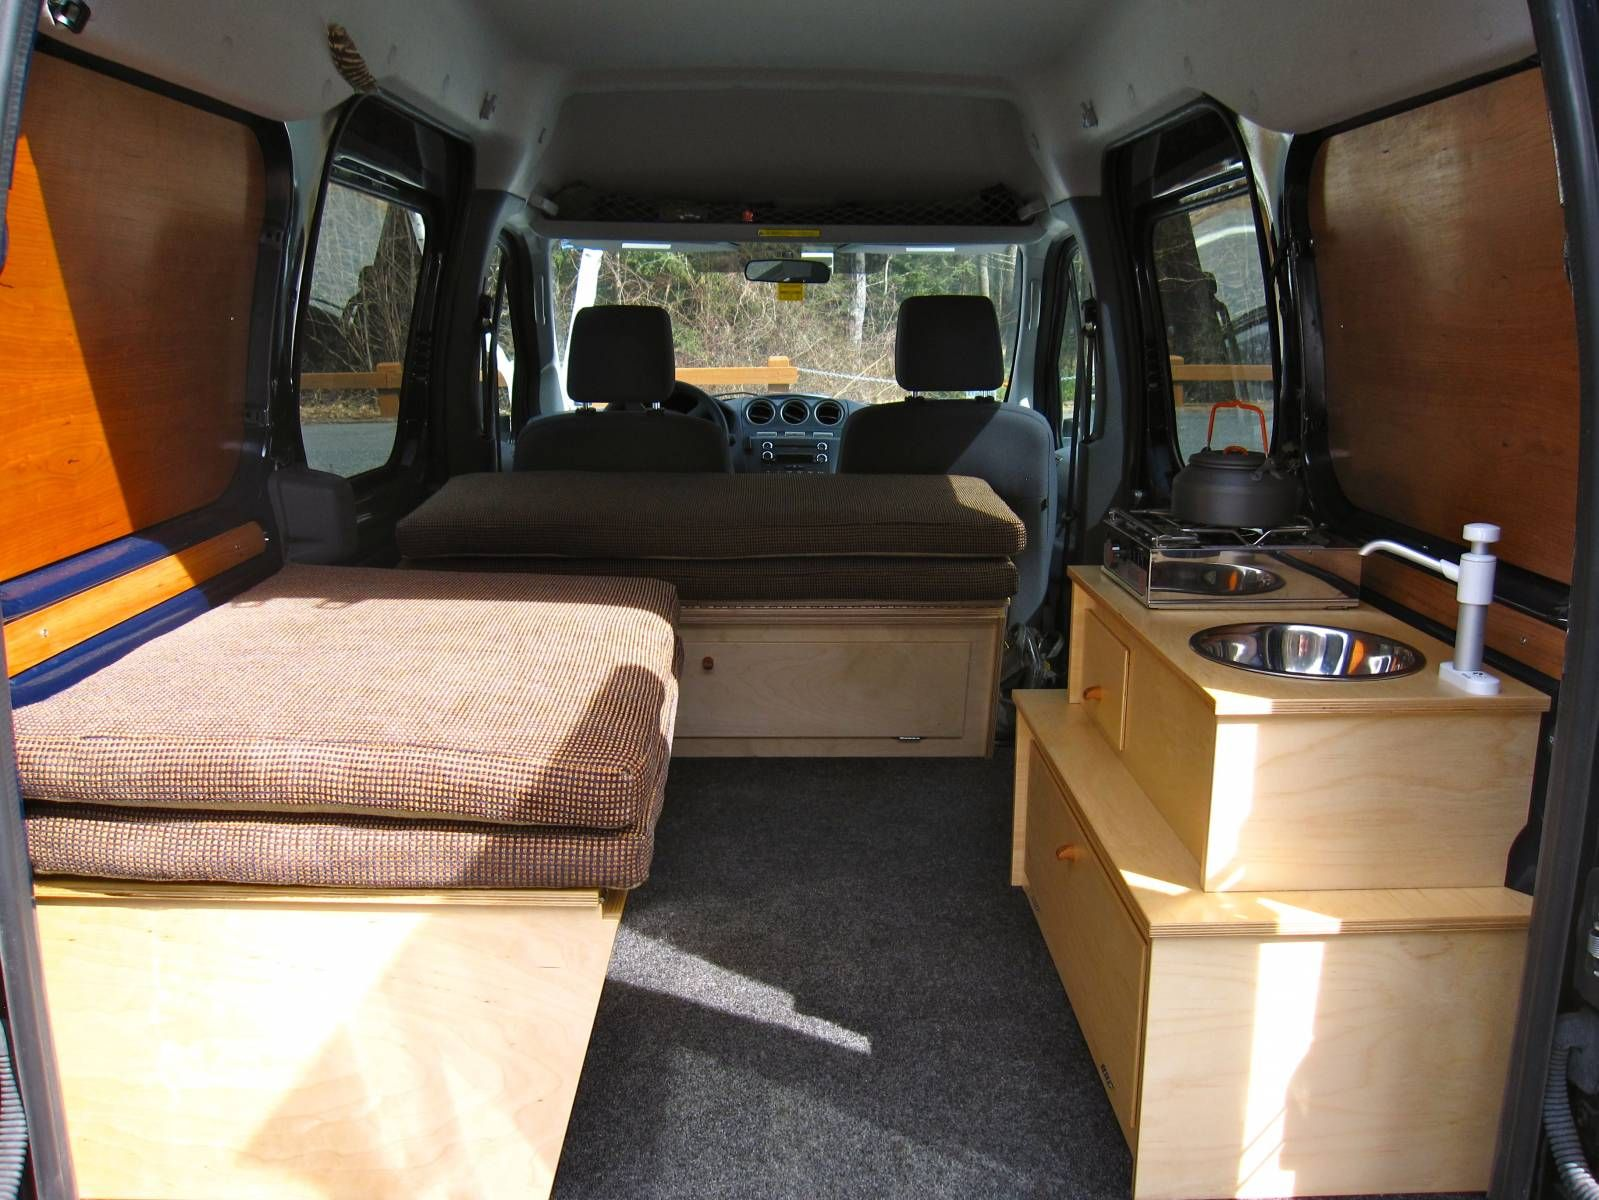 transit connect camper transit connect camper photo. Black Bedroom Furniture Sets. Home Design Ideas